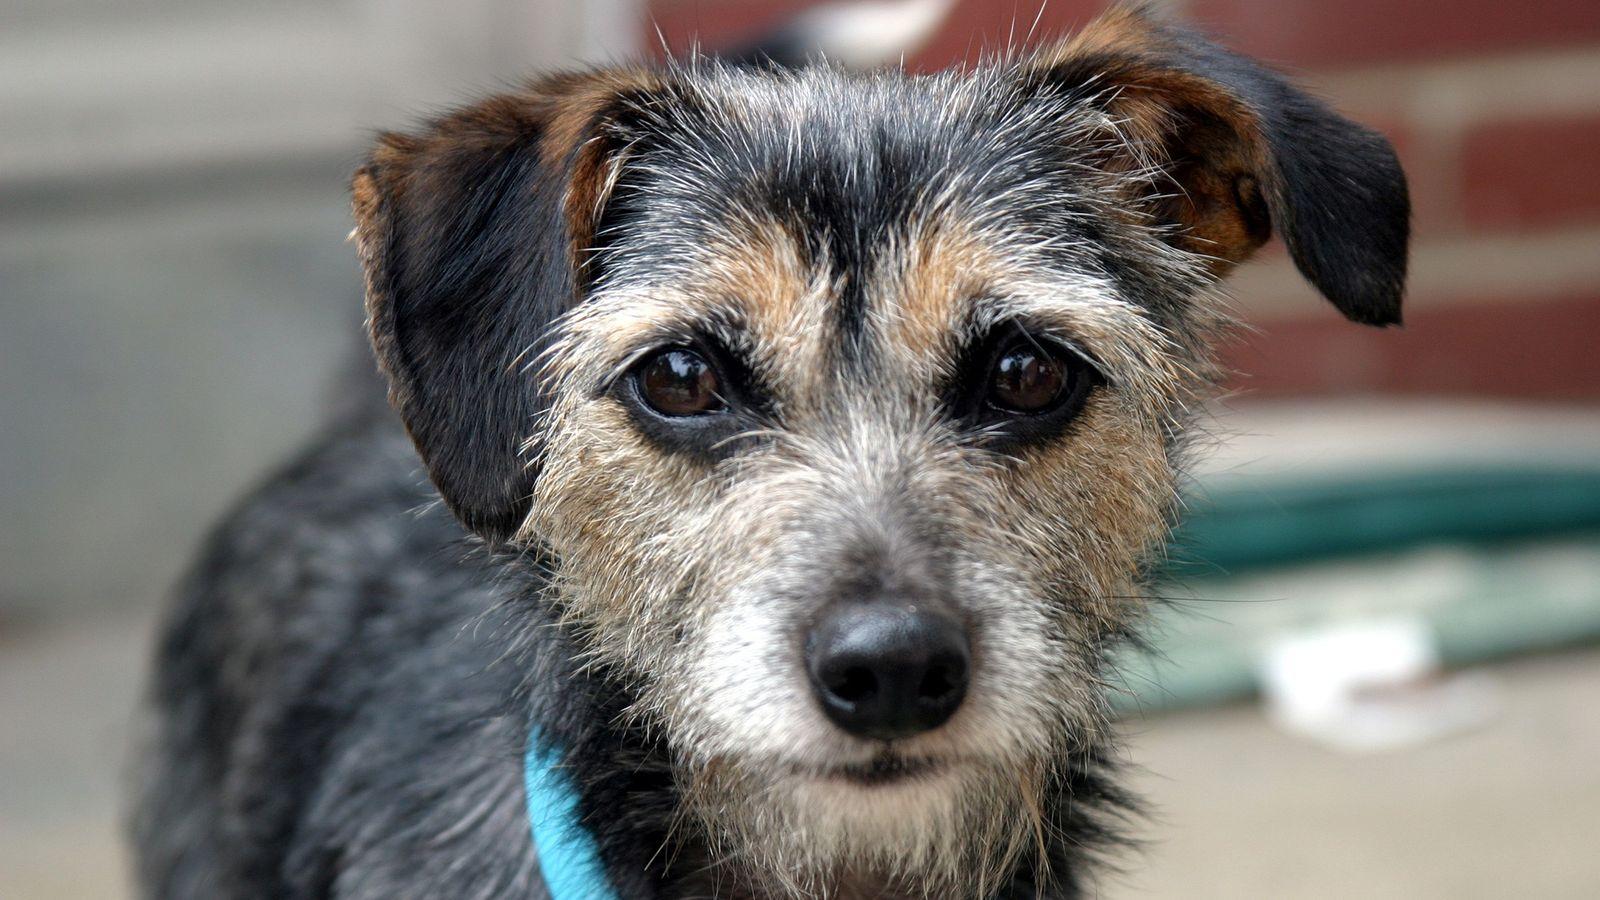 Cães domésticos têm características físicas e doenças semelhantes às dos humanos, principalmente cânceres.